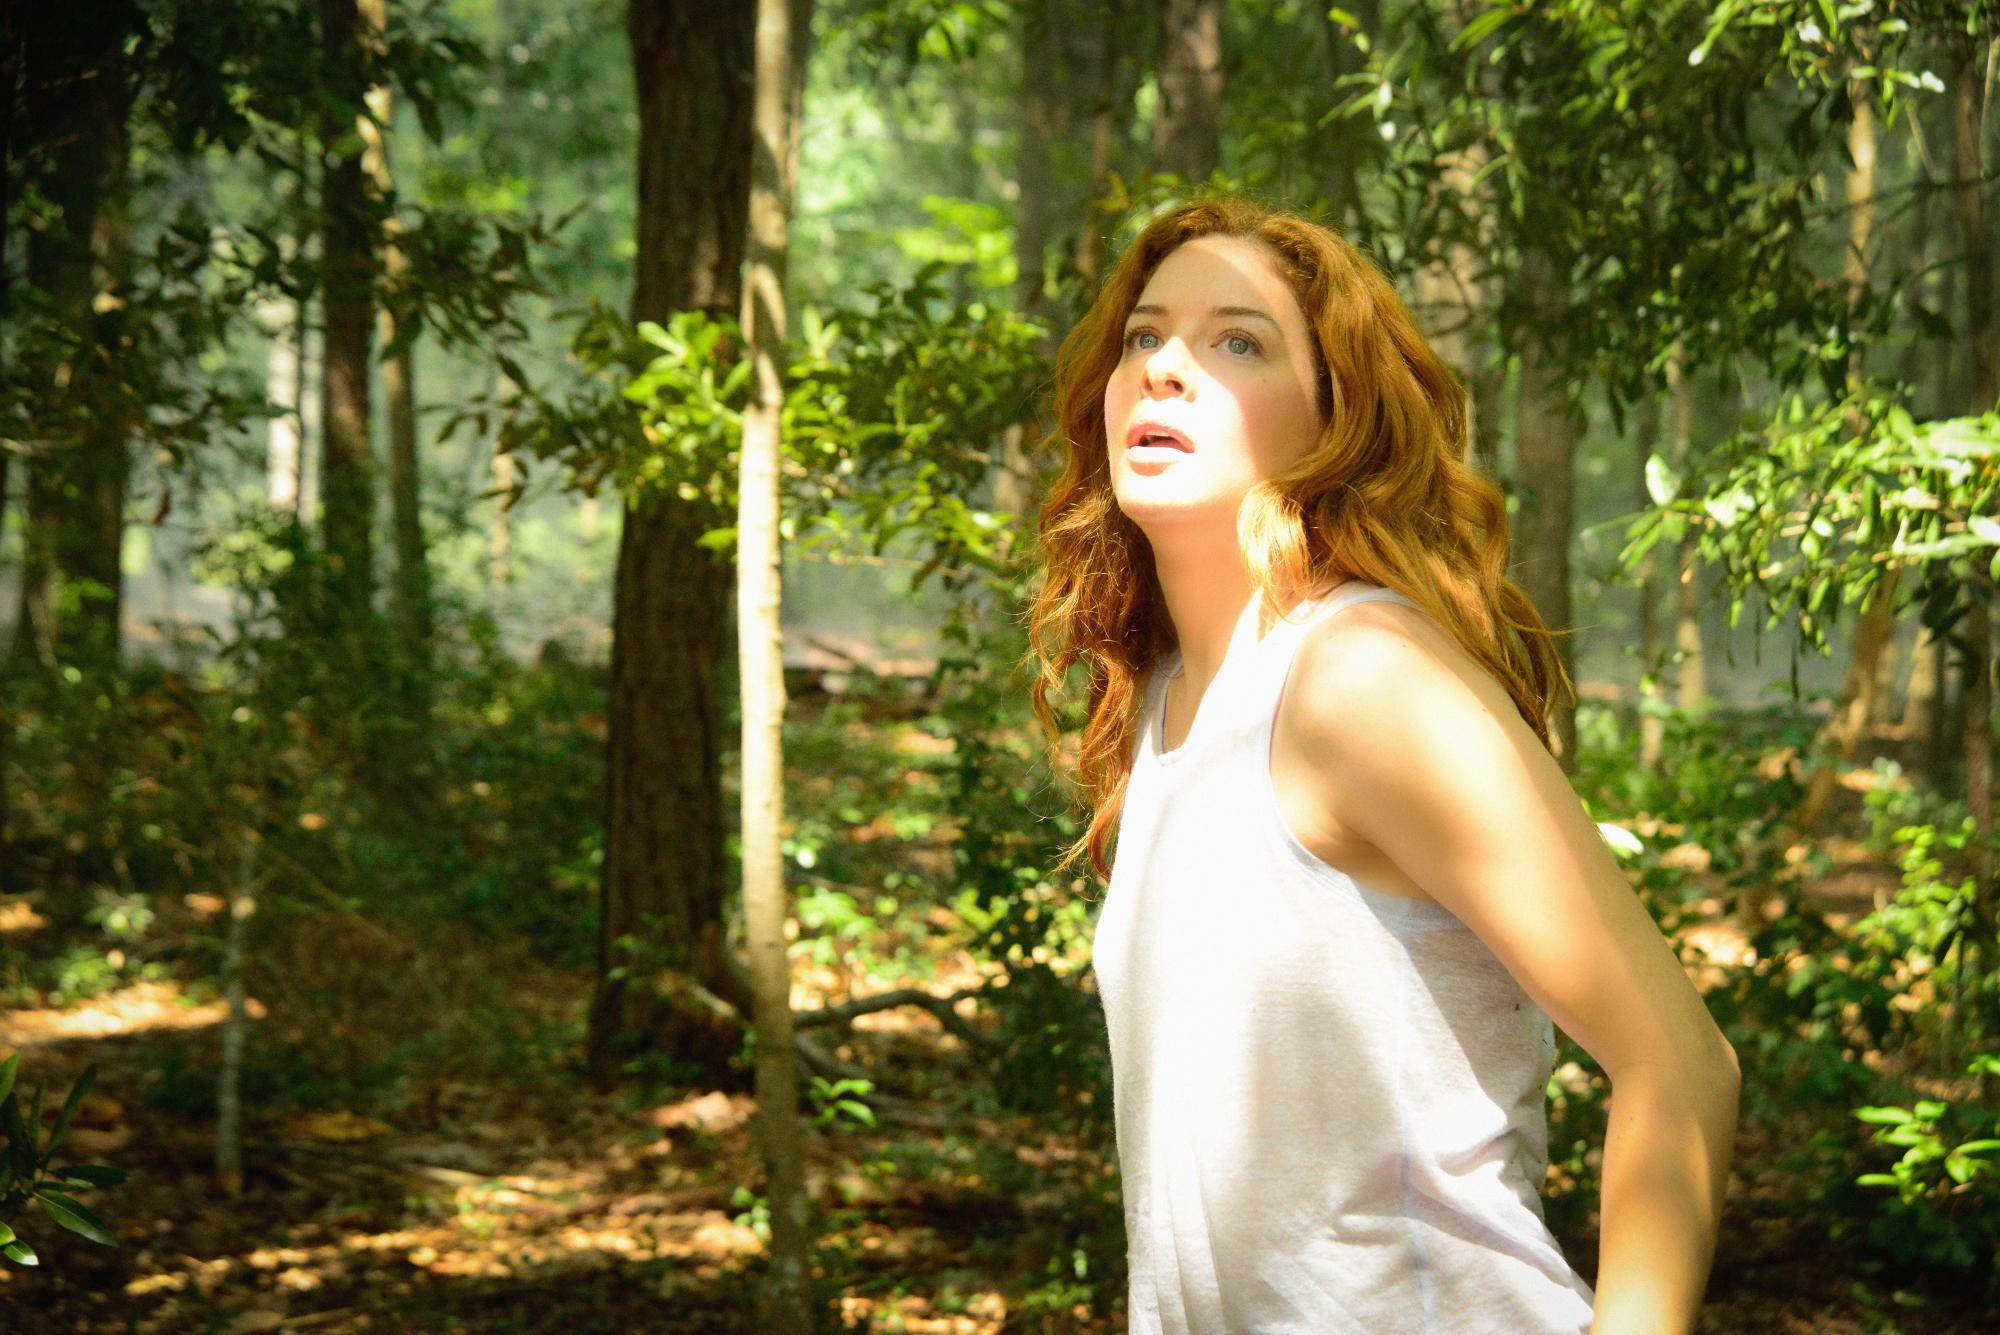 Rachelle Lefevre as Julia Shumway.